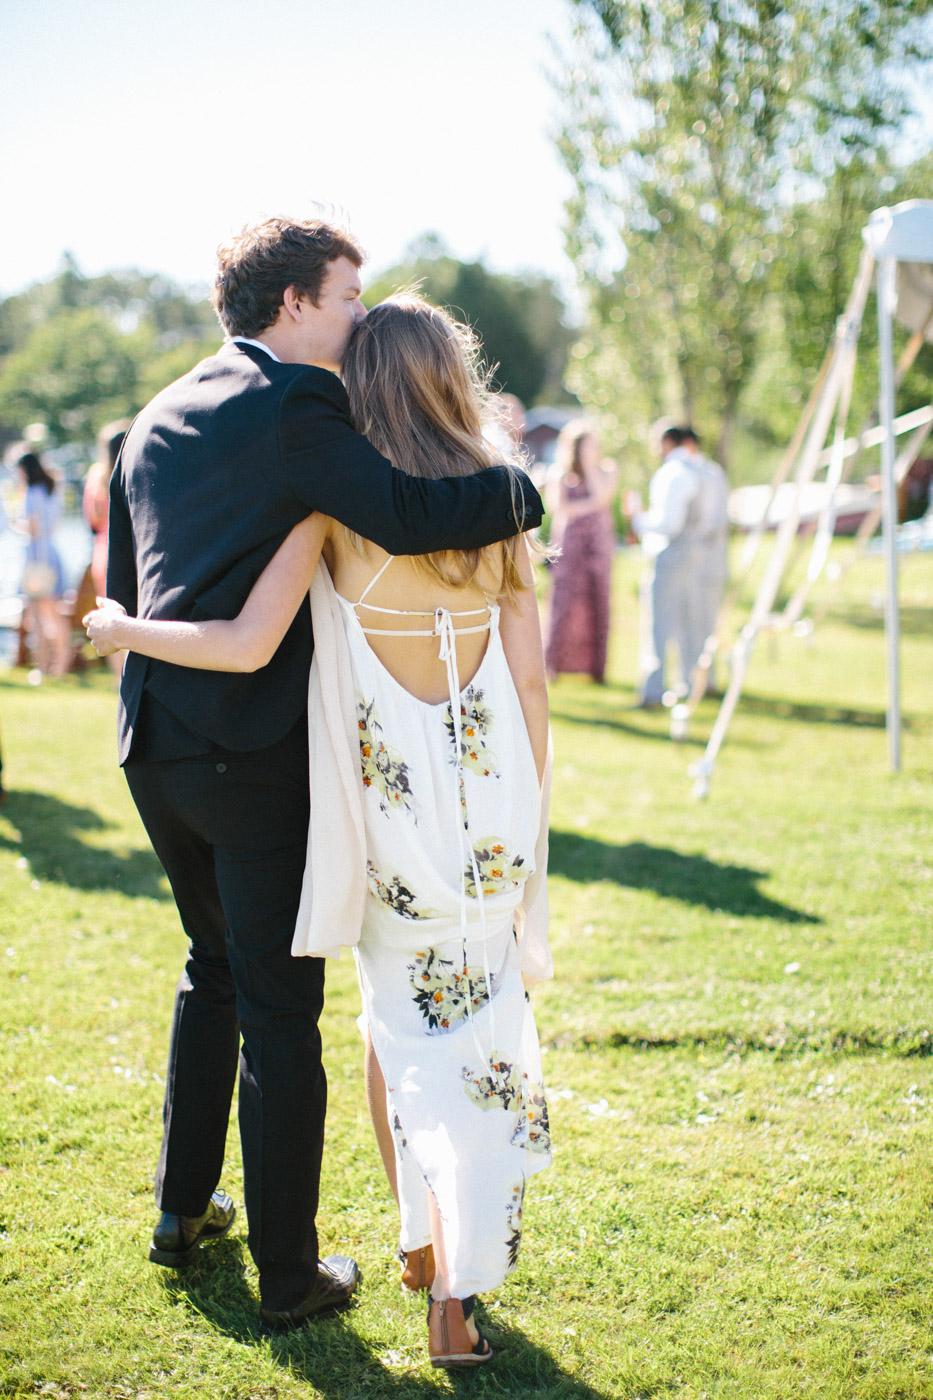 toronto_wedding_photographer_backyard_wedding-22.jpg